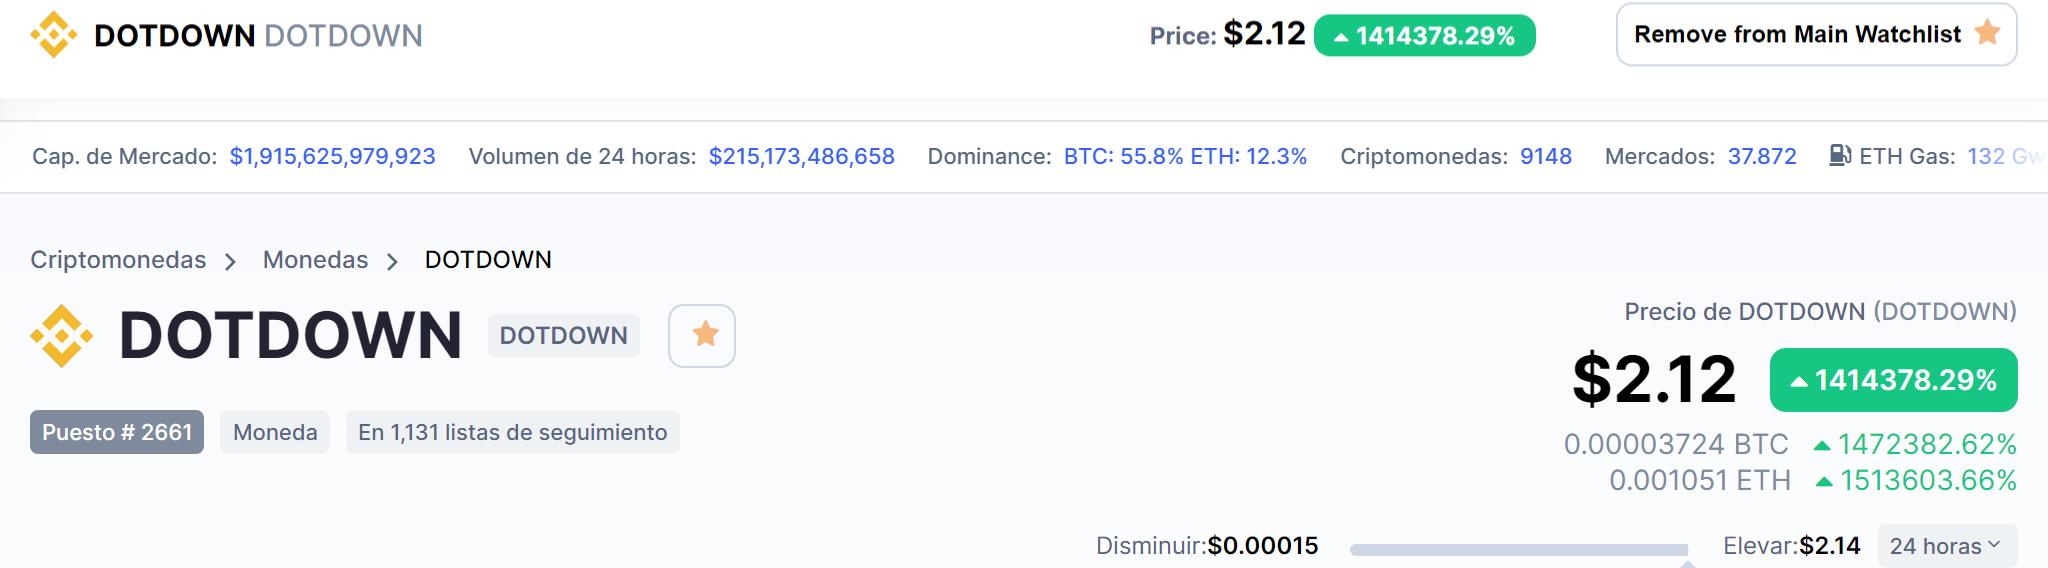 coinmarketcap.com_es_currencies_dotdown_(iPad Pro)2.png